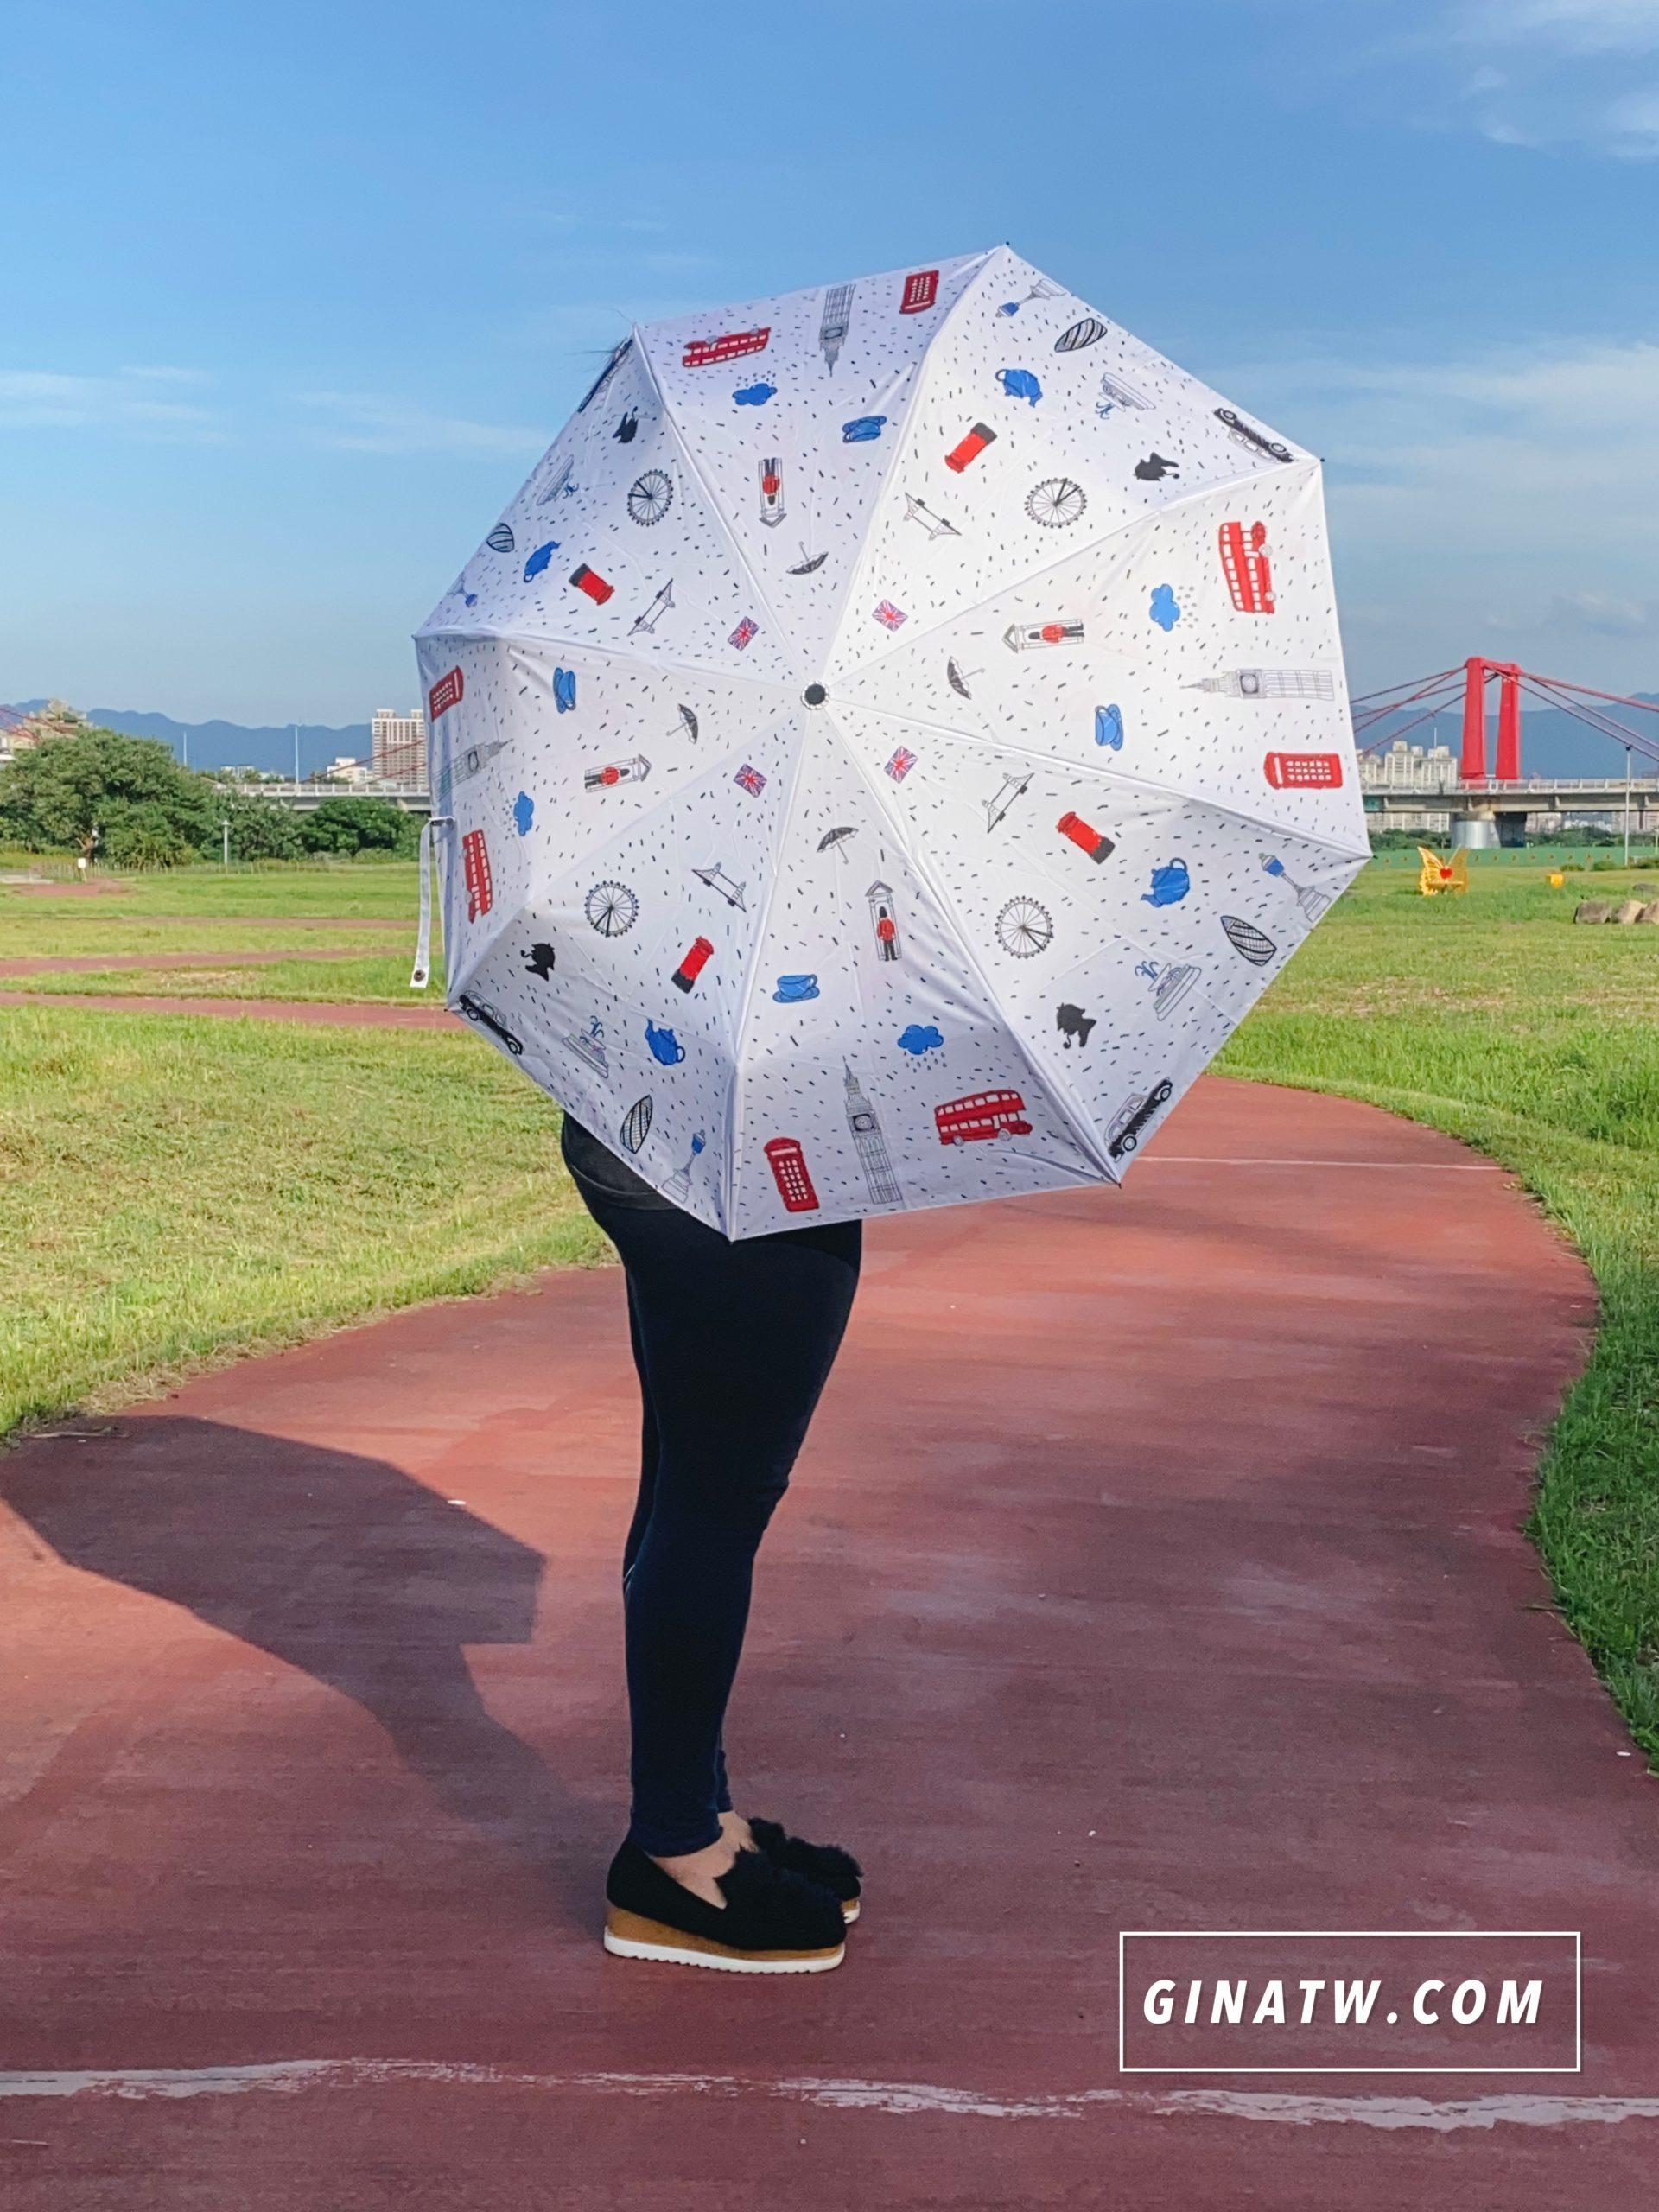 【遮陽雨傘團購】防曬膠英倫風、加大自動傘|夏天必備遮陽傘|限時優惠來哩!不透光雨傘推薦 @GINA環球旅行生活